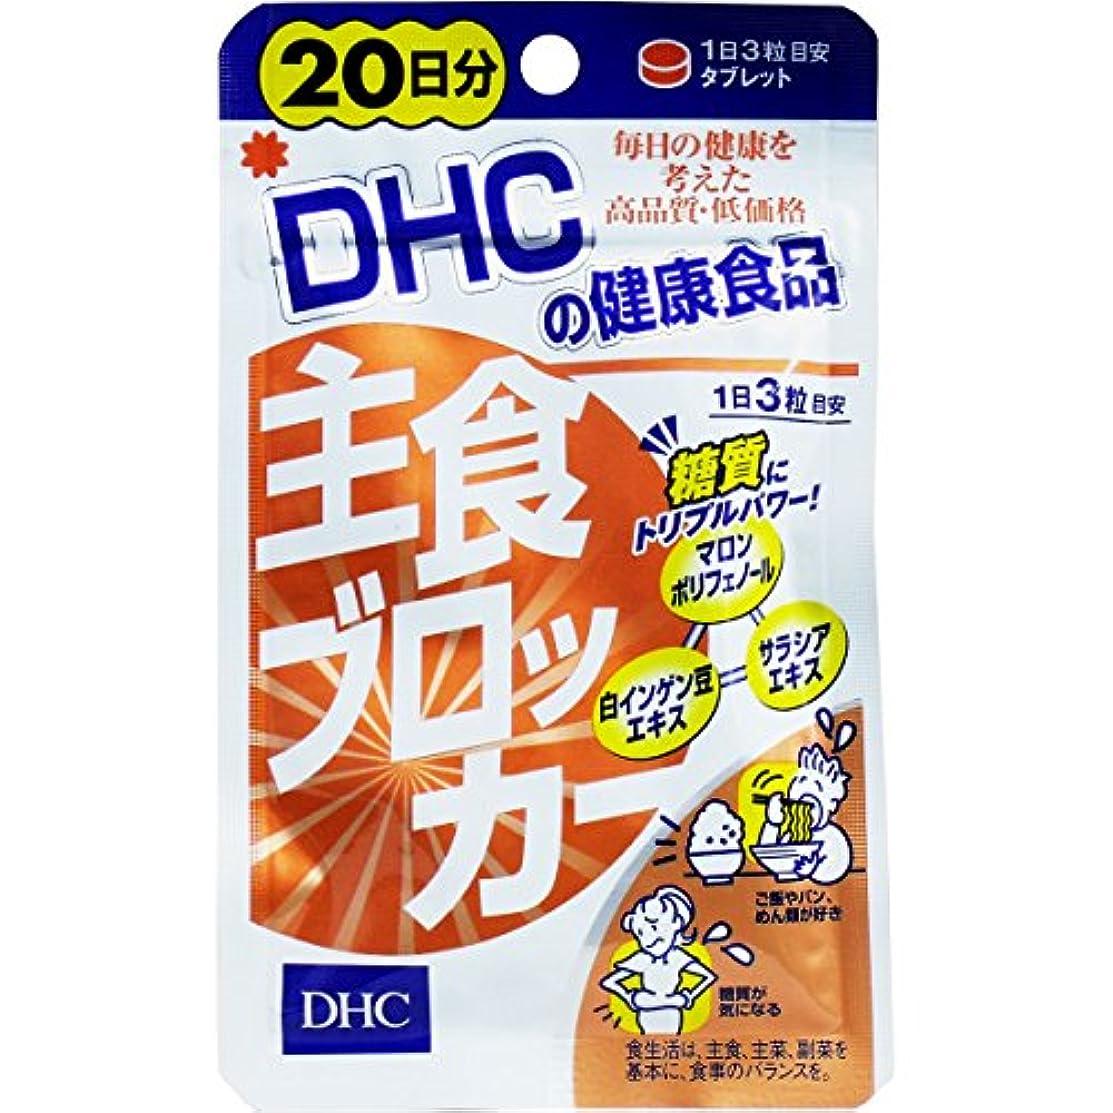 ゼリー船乗りサイクル【DHC】主食ブロッカー 20日分 60粒 ×20個セット